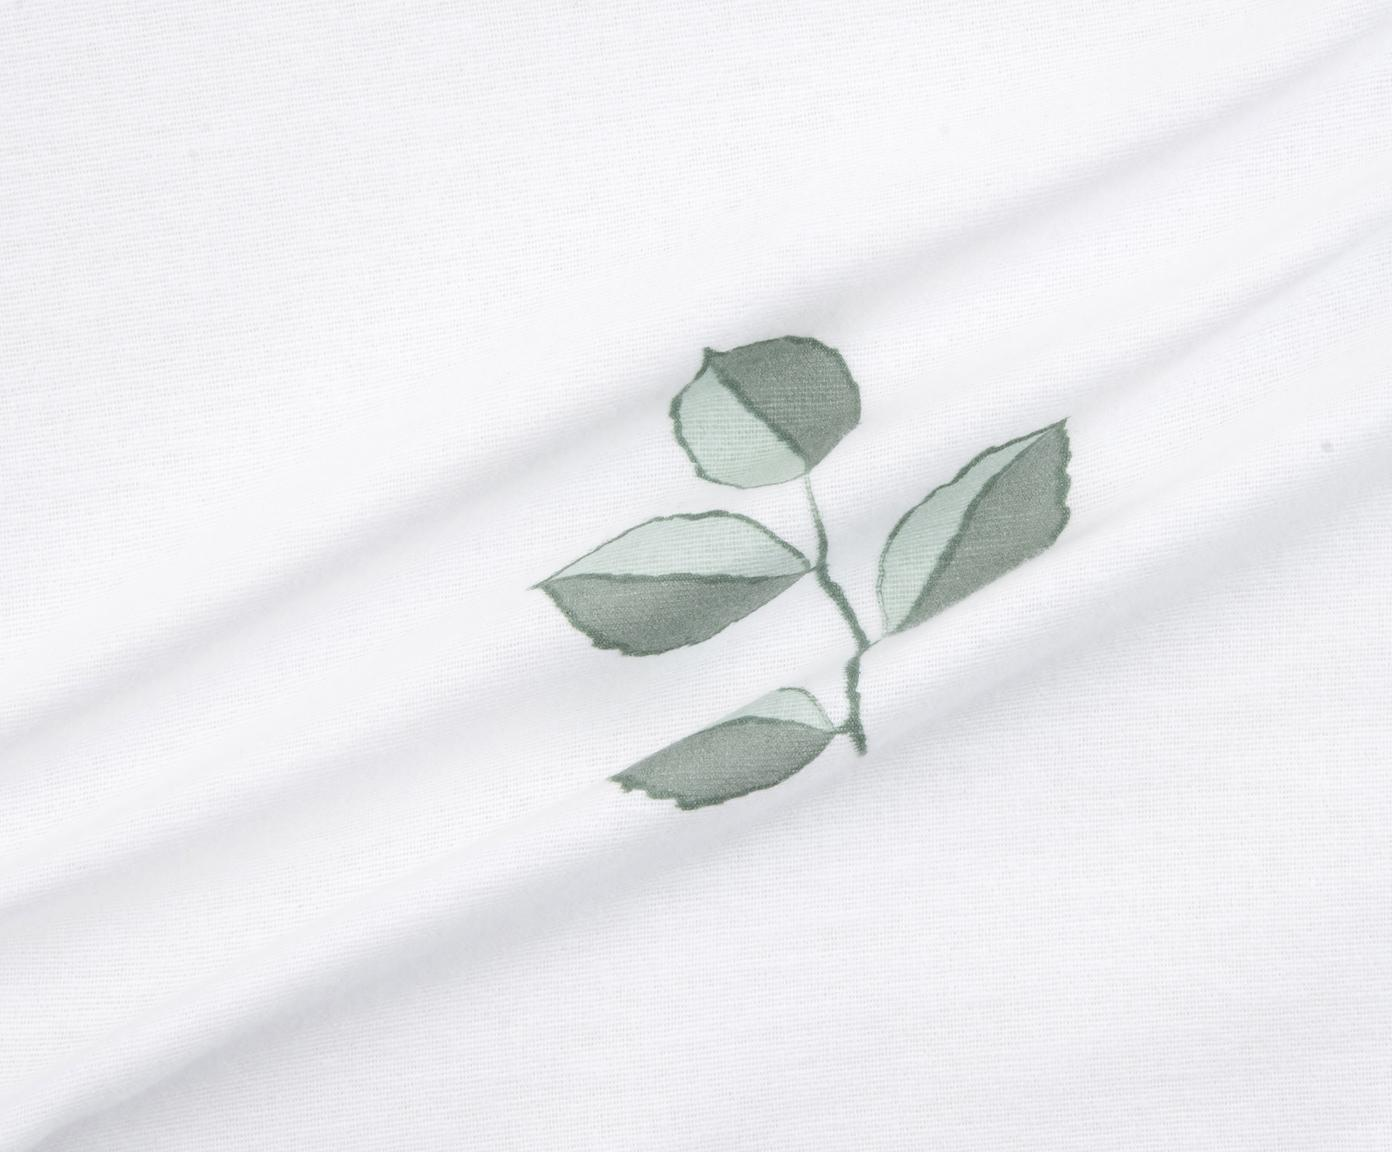 Flanell-Bettwäsche Fraser mit winterlichem Blattmuster, Webart: Flanell Flanell ist ein s, Salbeigrün, Weiß, 155 x 220 cm + 1 Kissen 80 x 80 cm